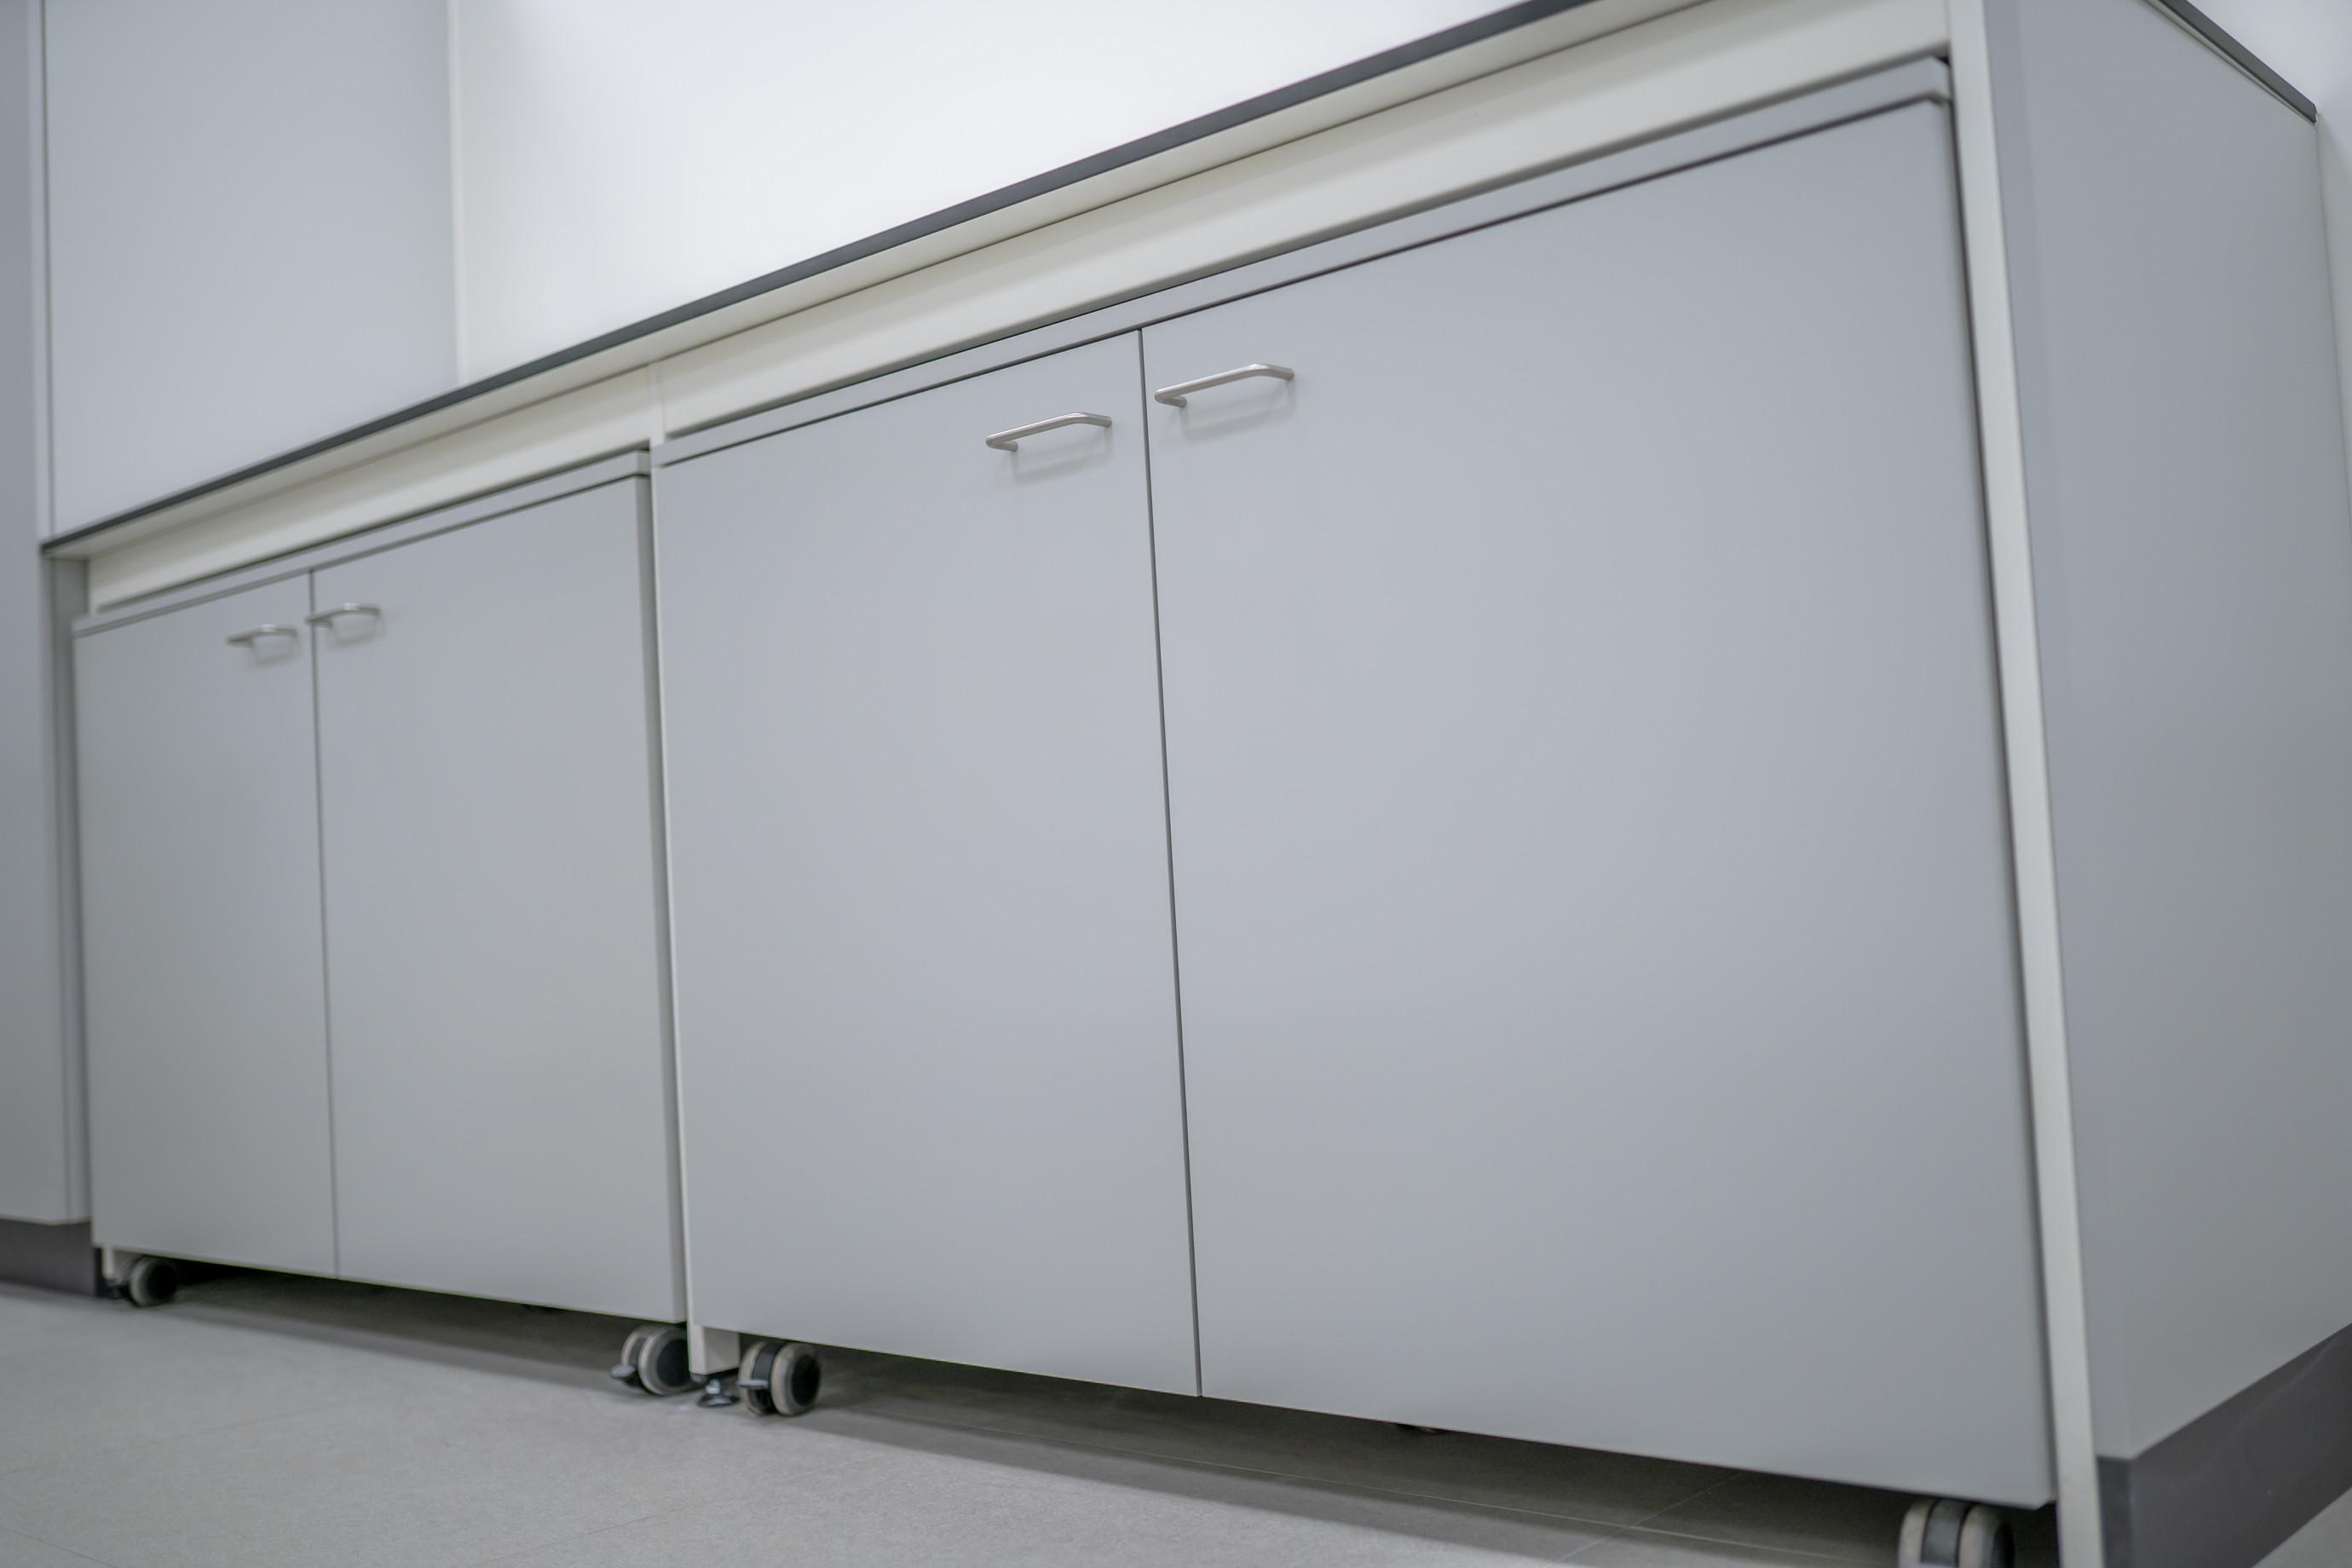 Sous-armoires roulantes